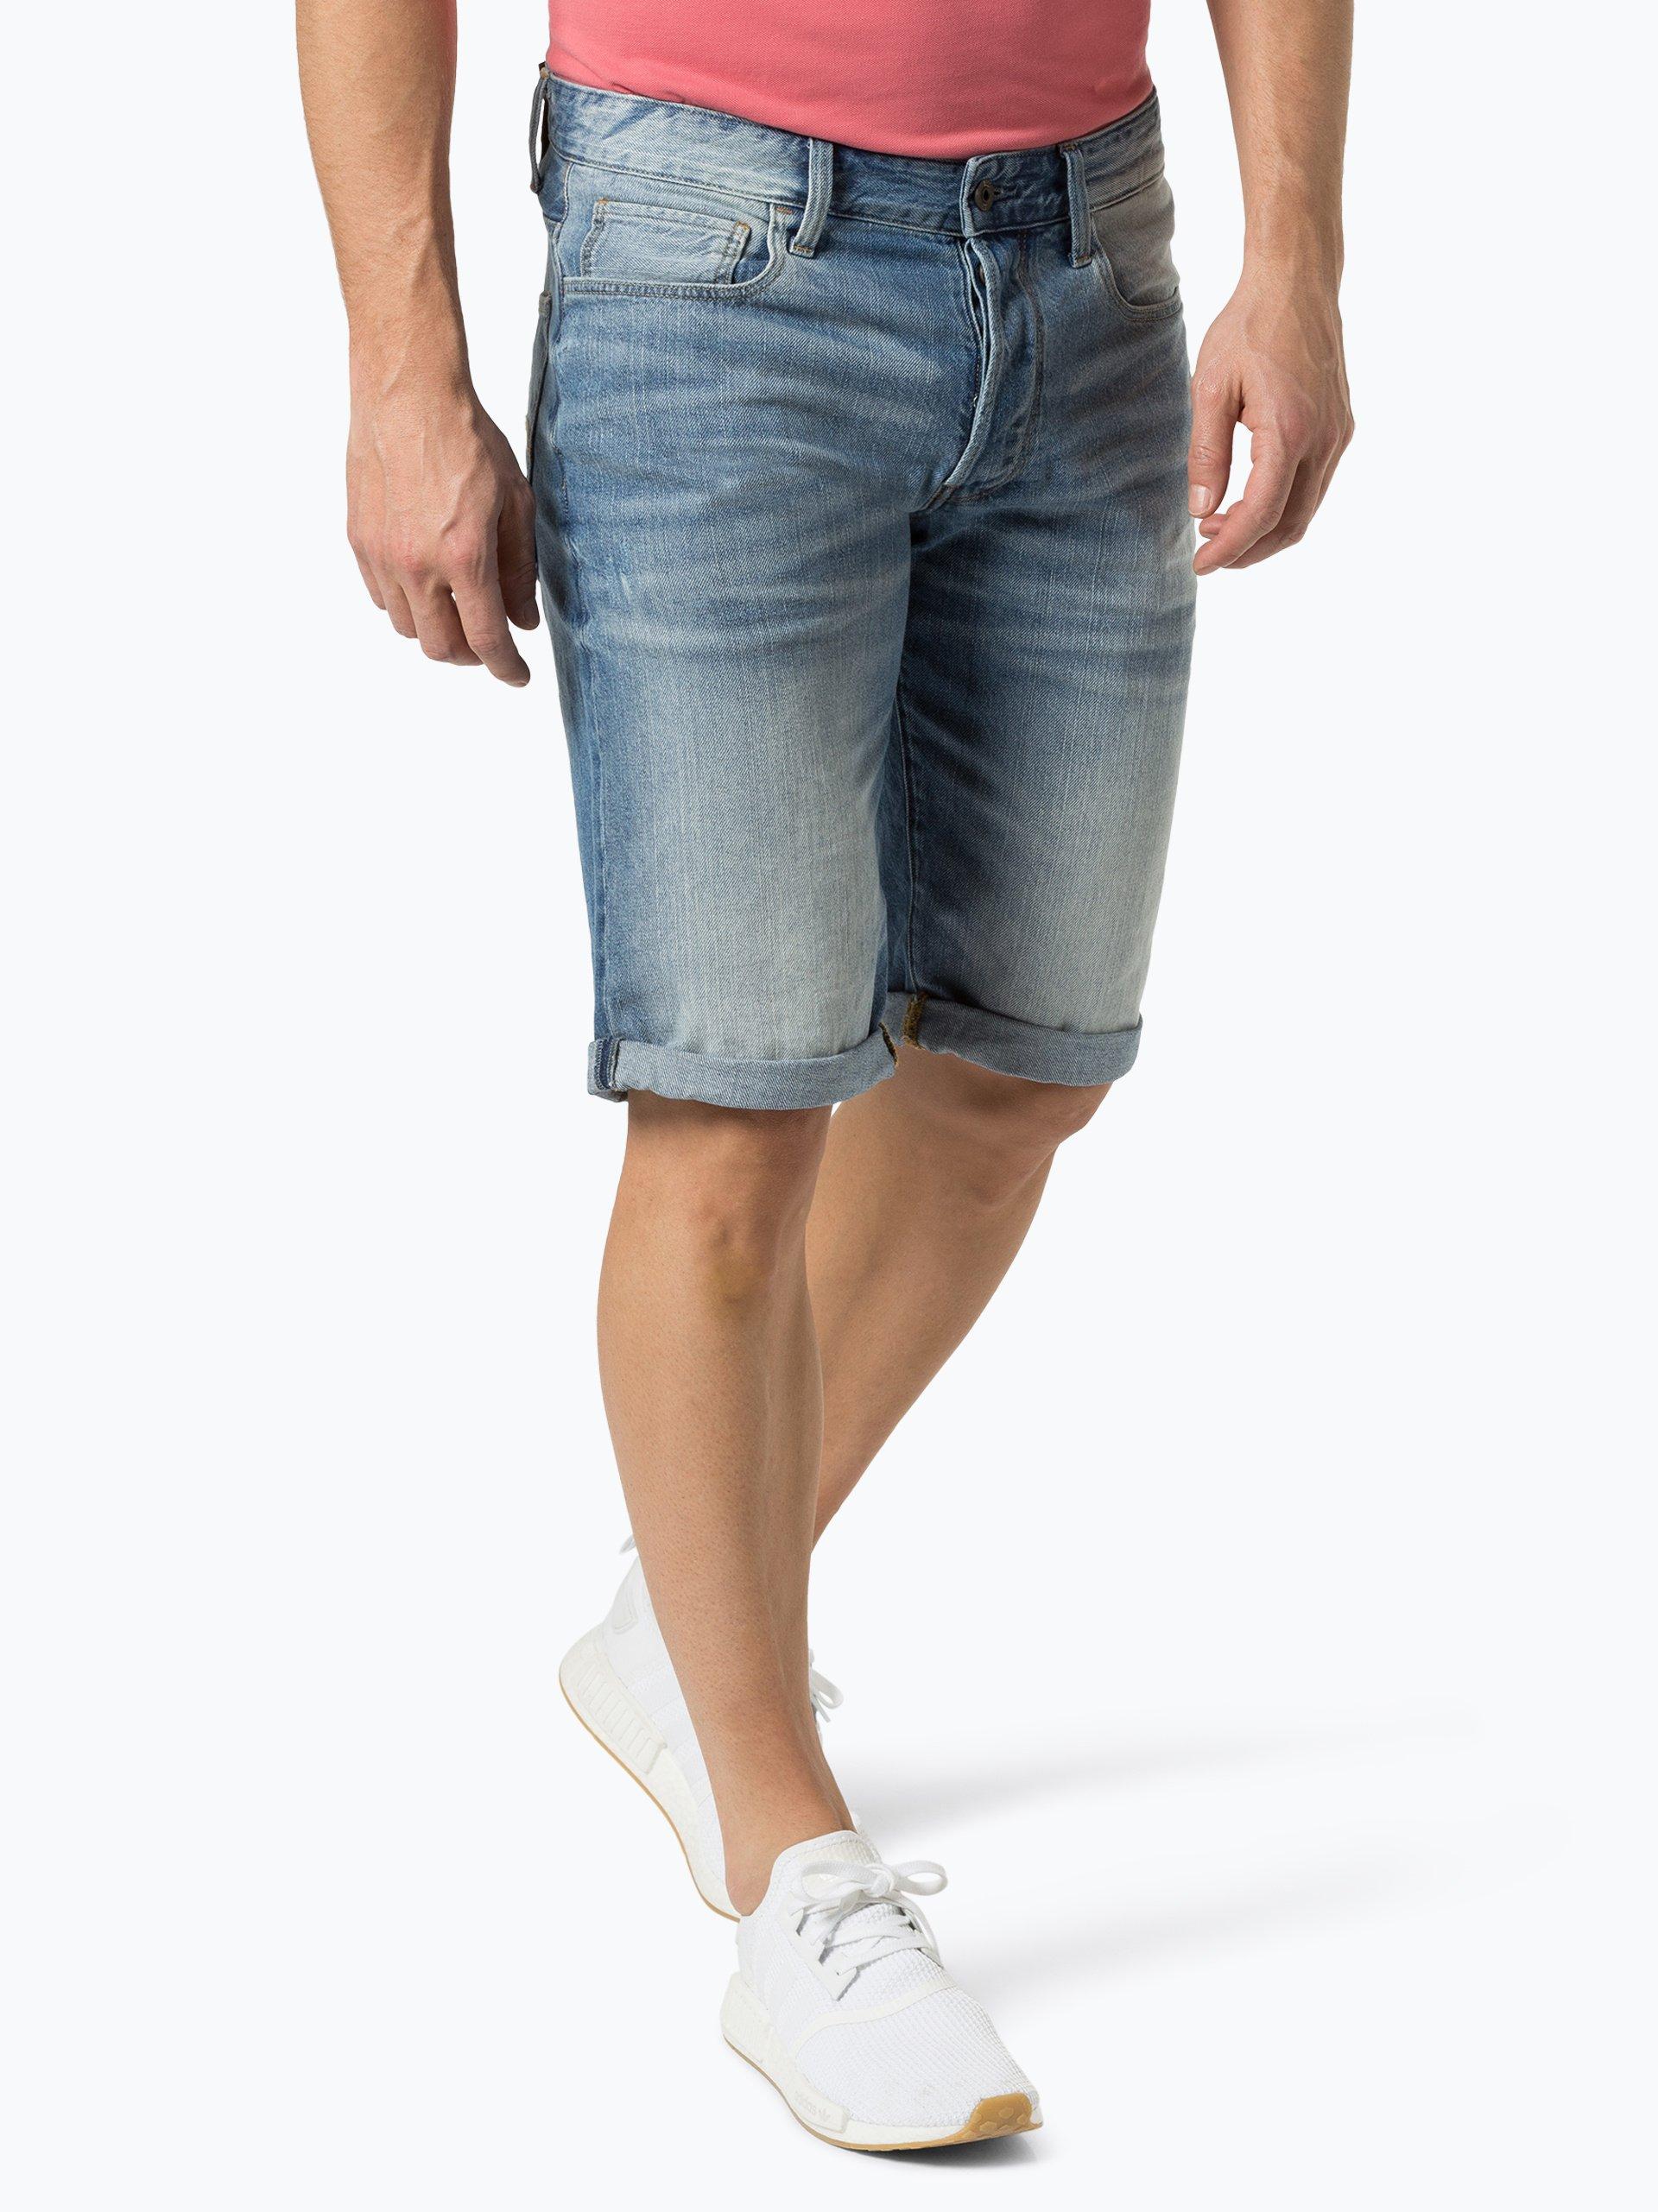 G-Star RAW Herren Jeansshorts - 3301